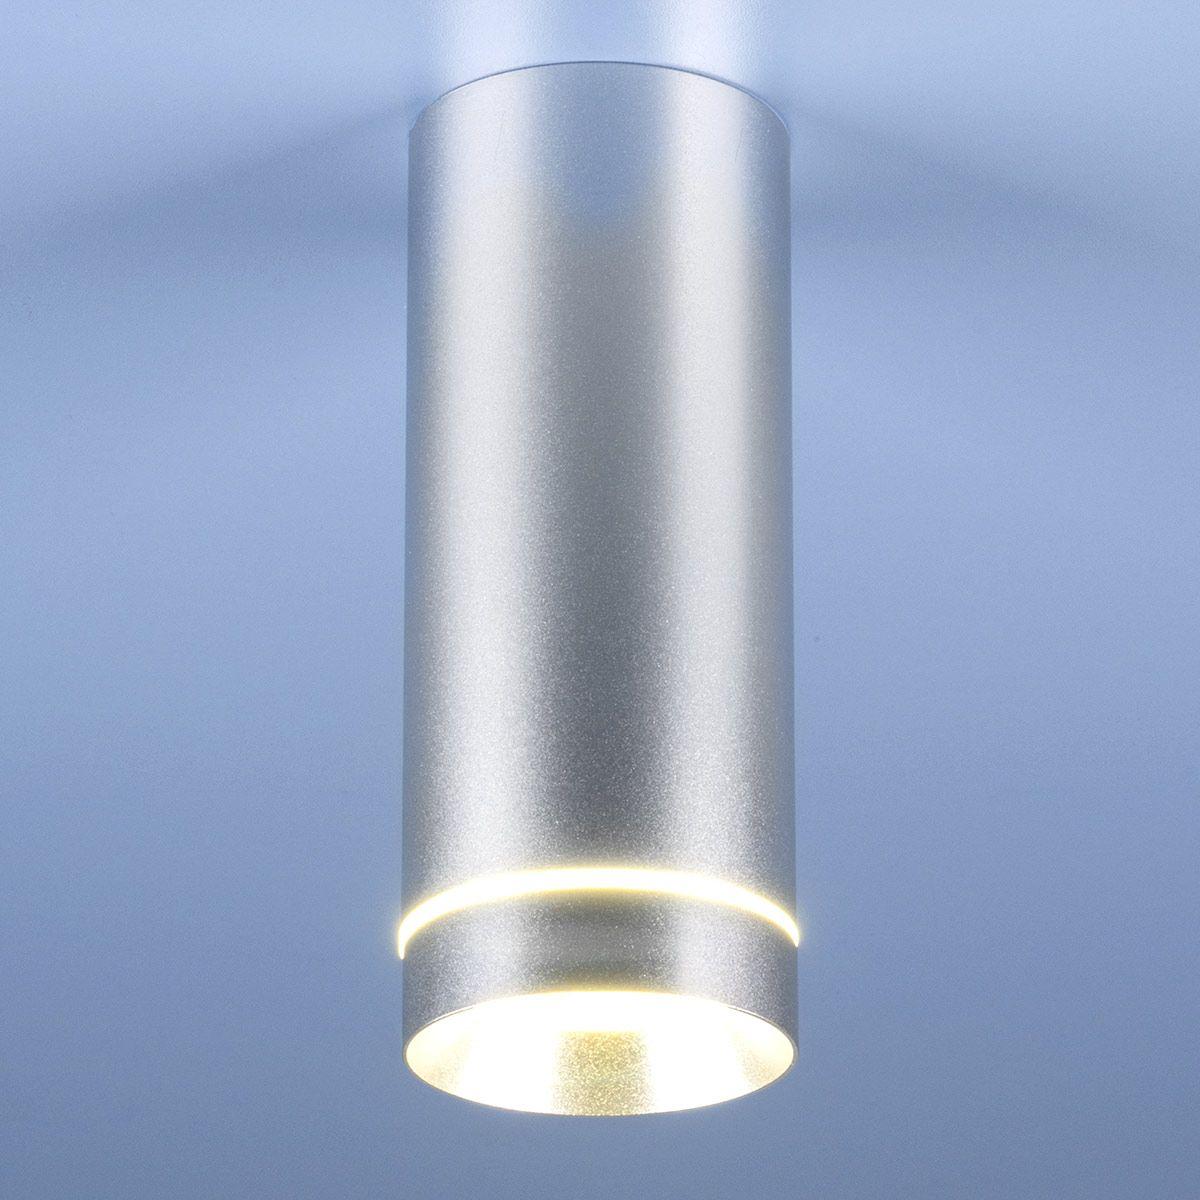 Накладной светодиодный светильник DLR022 12W 4200K хром матовый